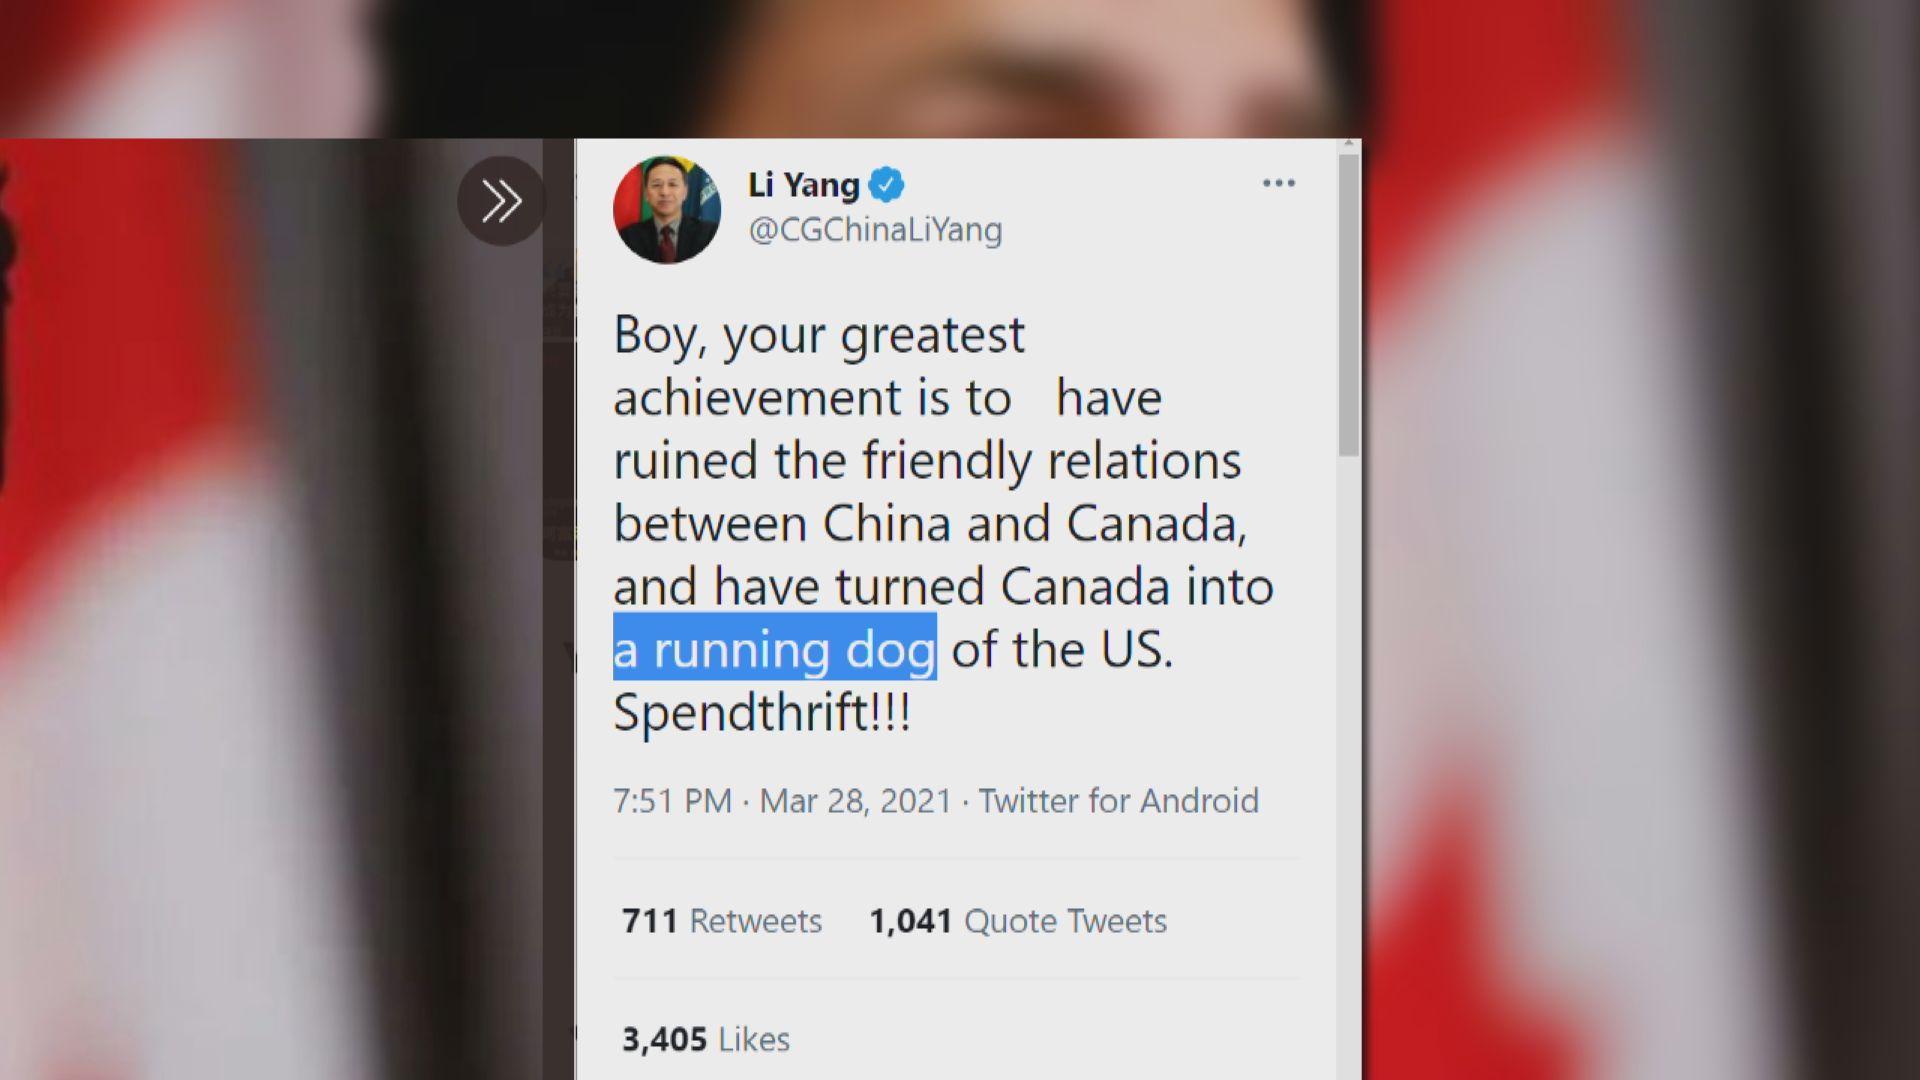 華外交官批杜魯多將加拿大變成美國「走狗」